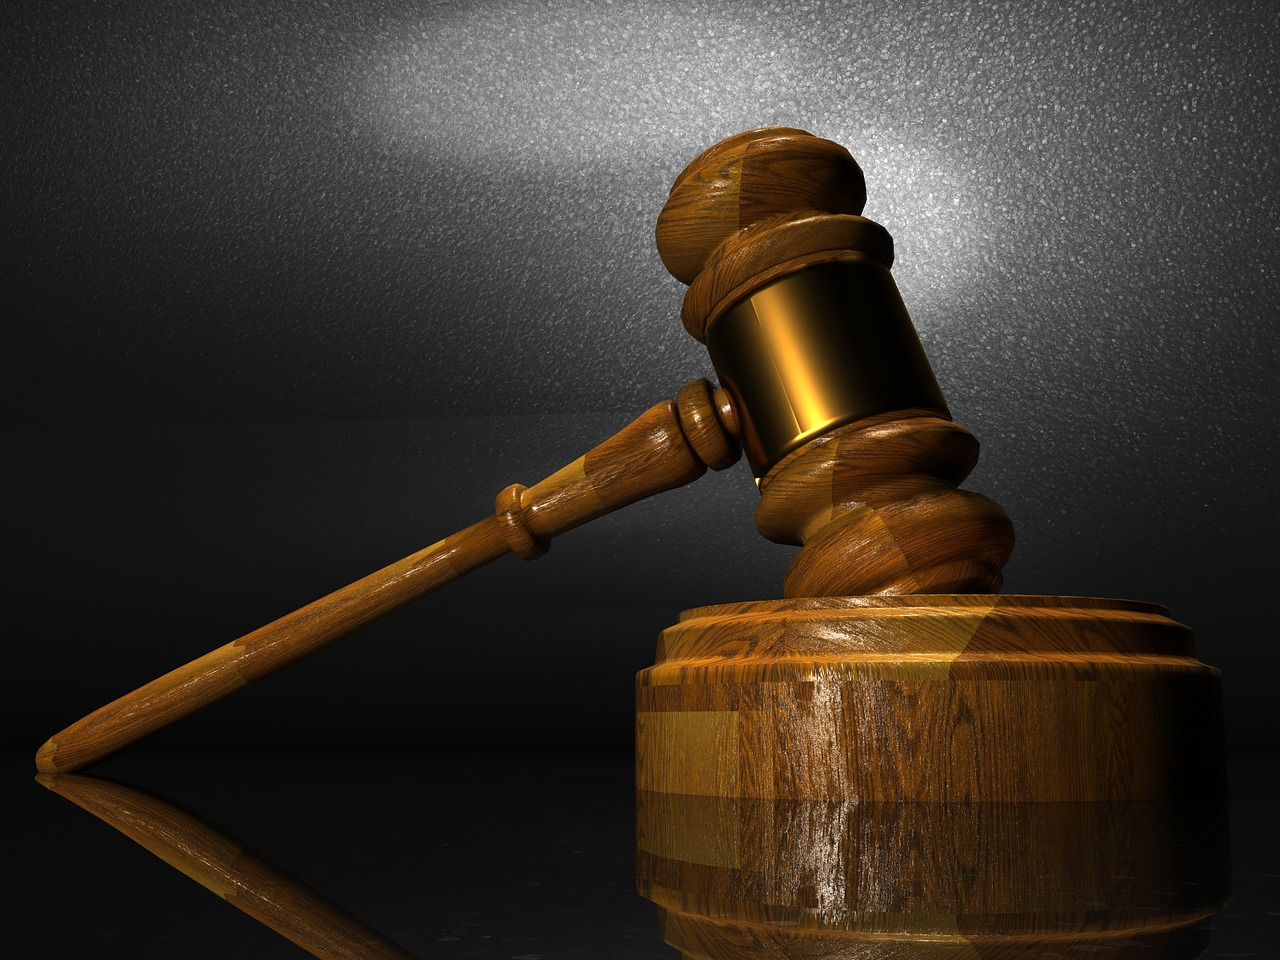 law-1063249_1280.jpg